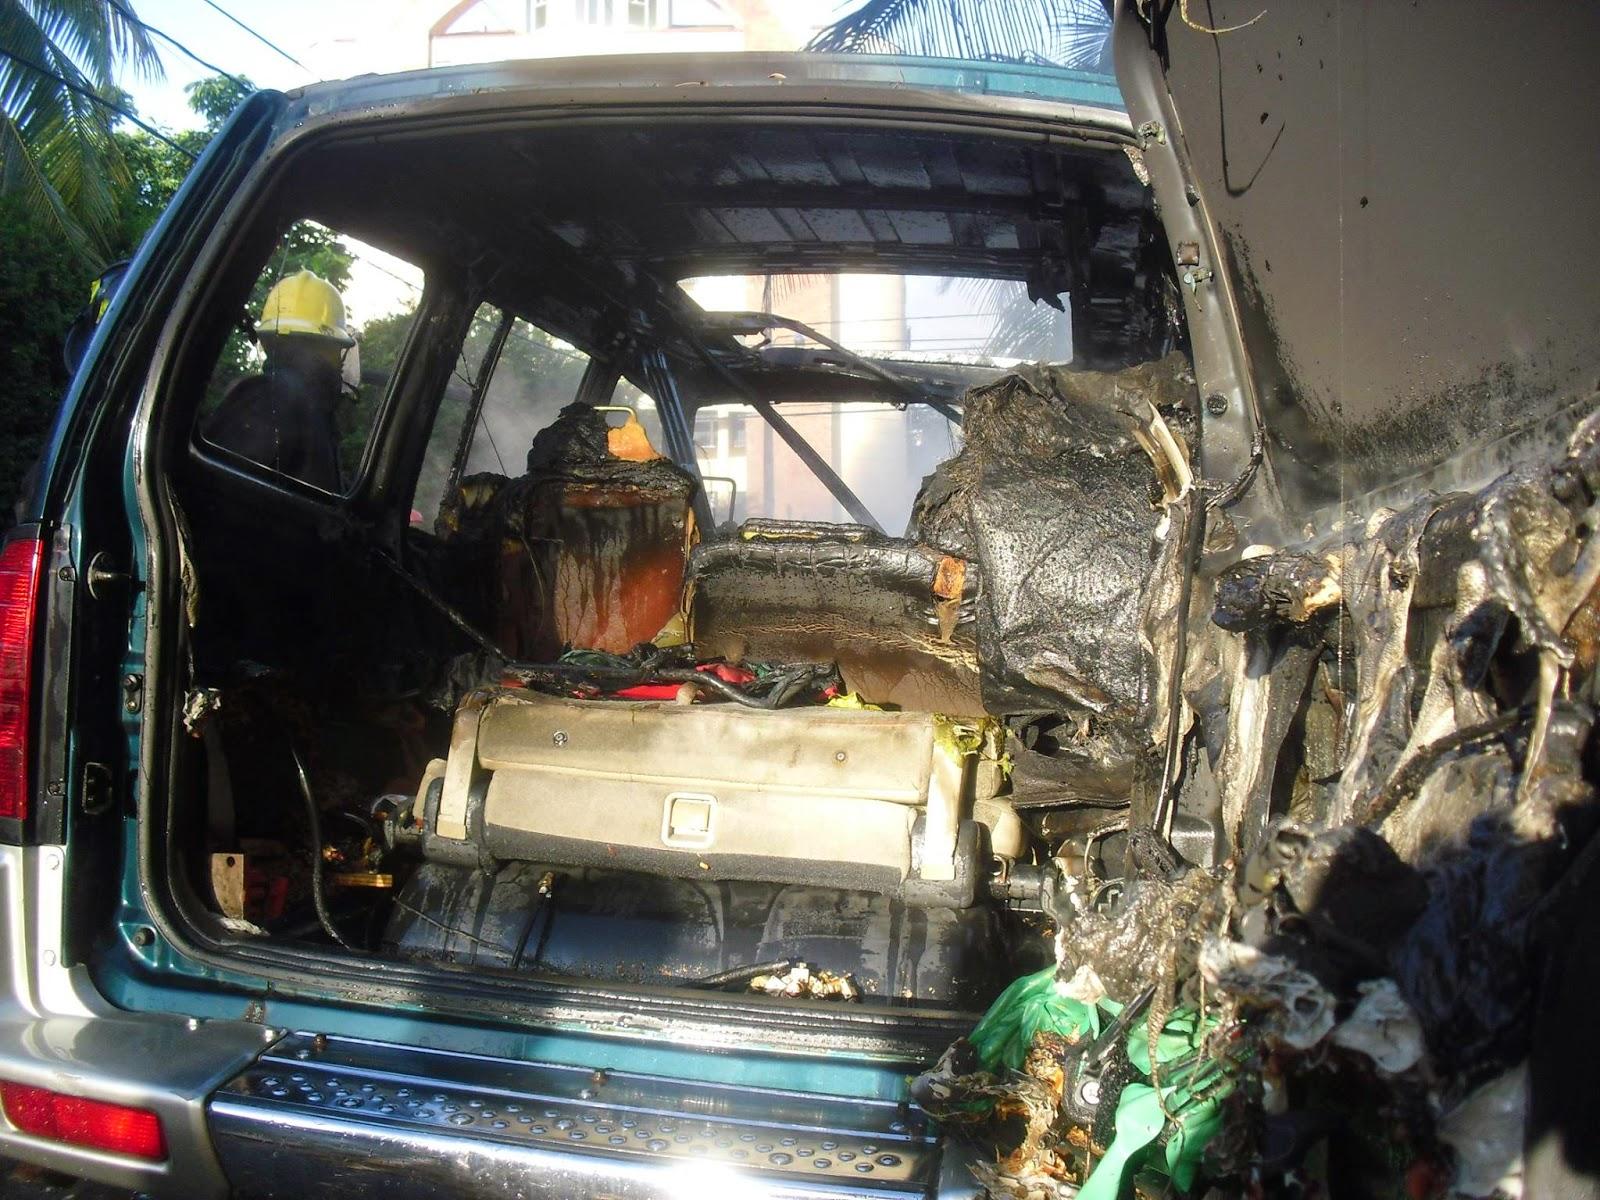 Se Incendia Yipeta Mitsubishi Montero Cara De Gato En La - Mitsubishi cara de gato